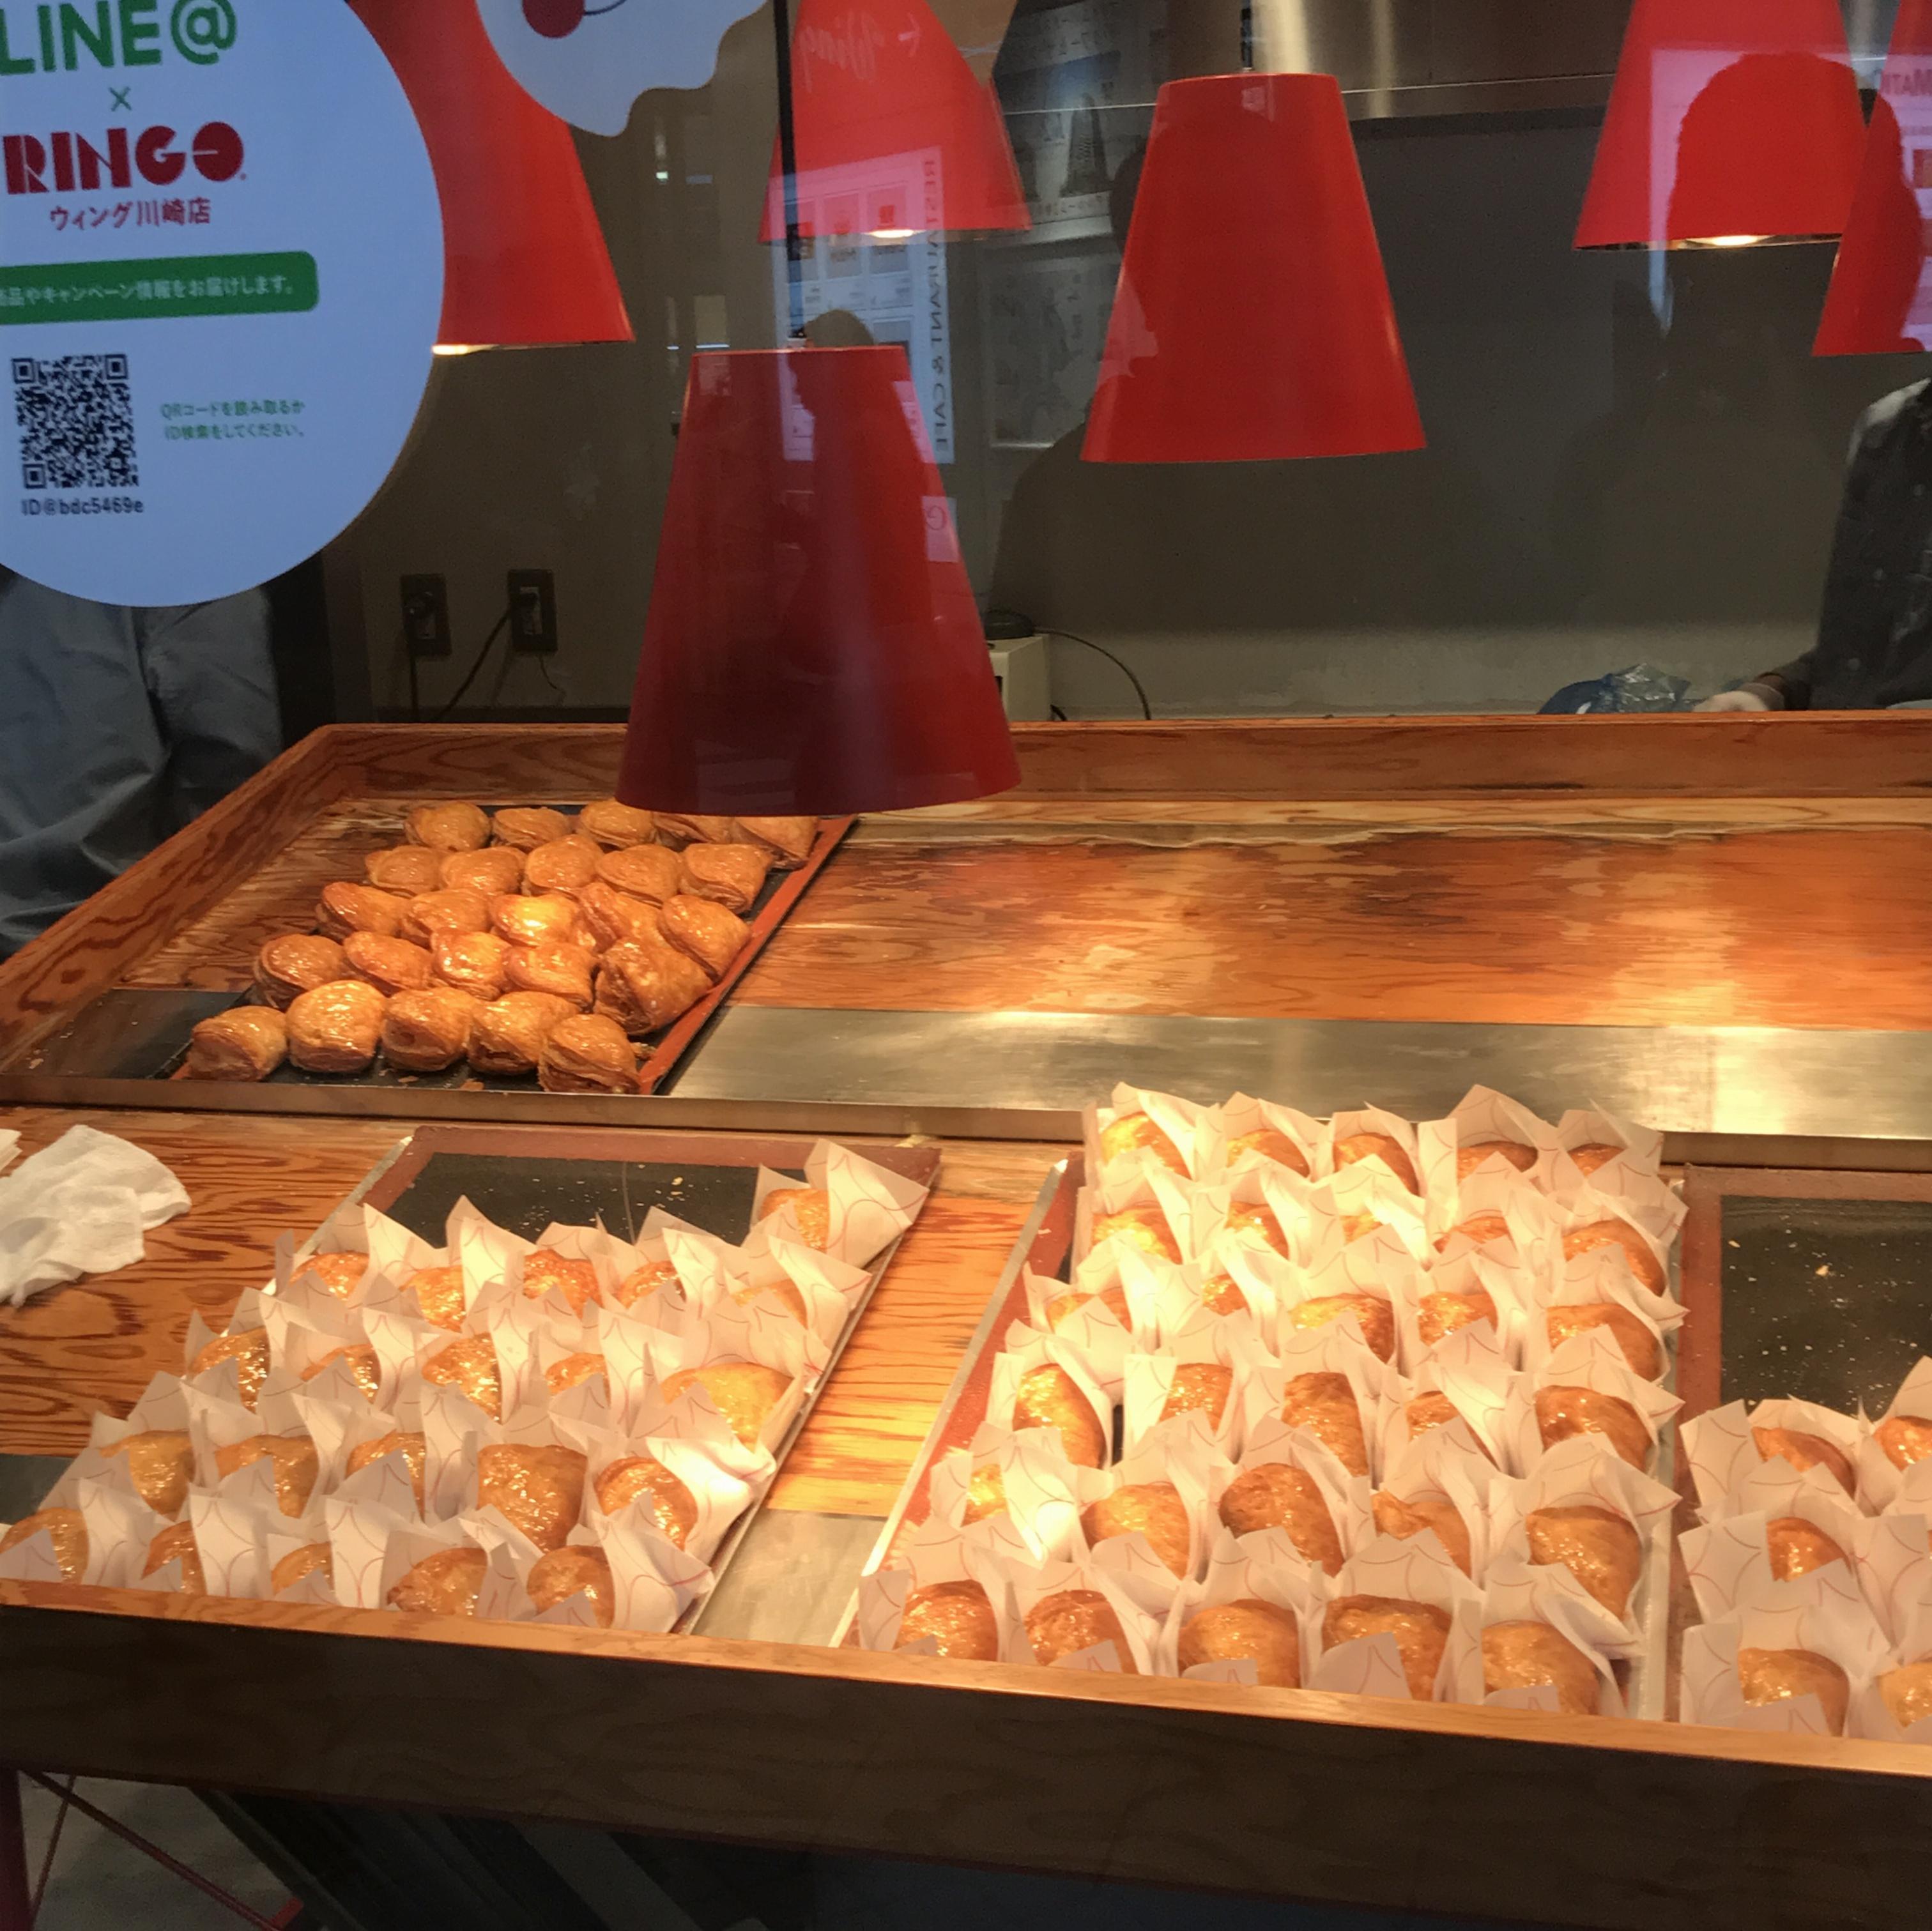 【RINGO】サクッほろっ食感〜私の好きなアップルパイ〜_1